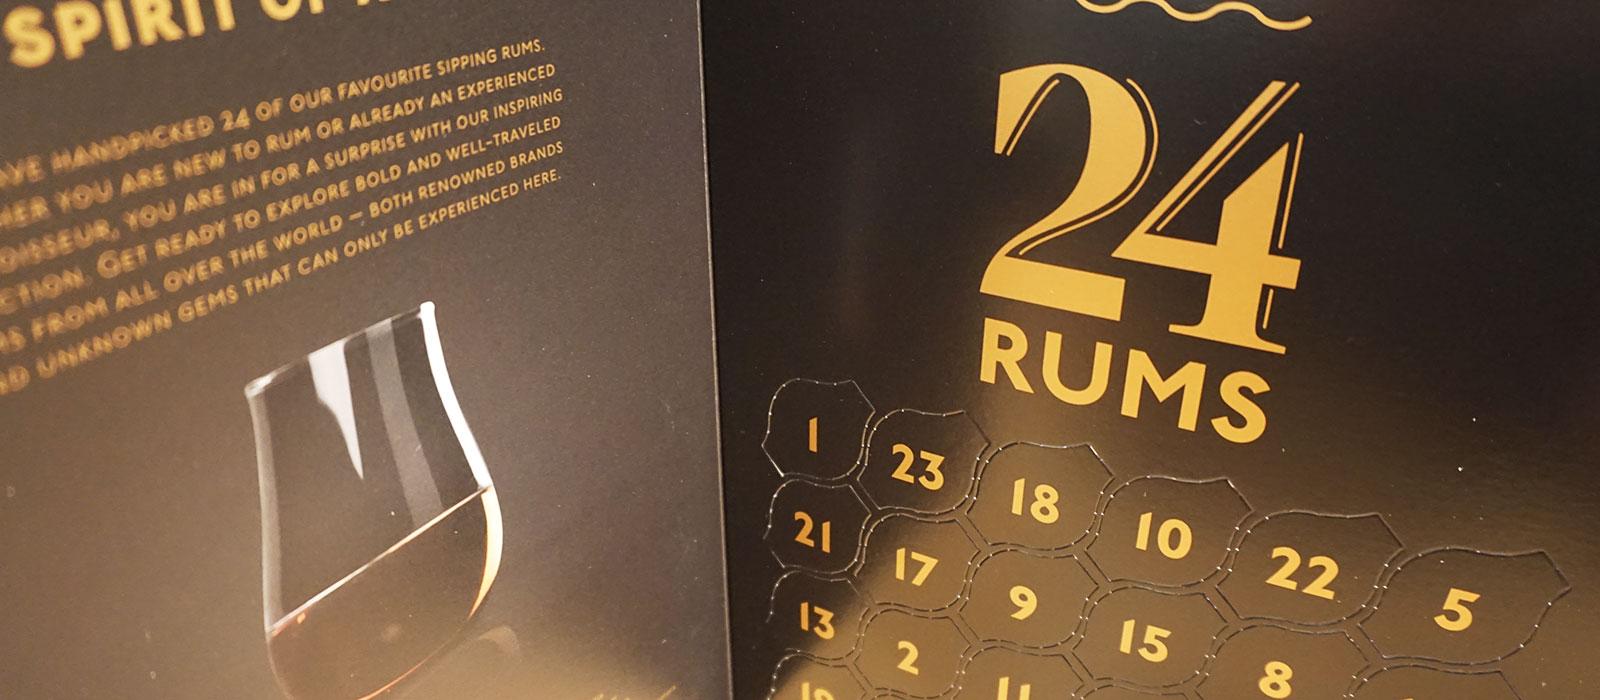 24 Rums finns nu att beställa på Systembolaget